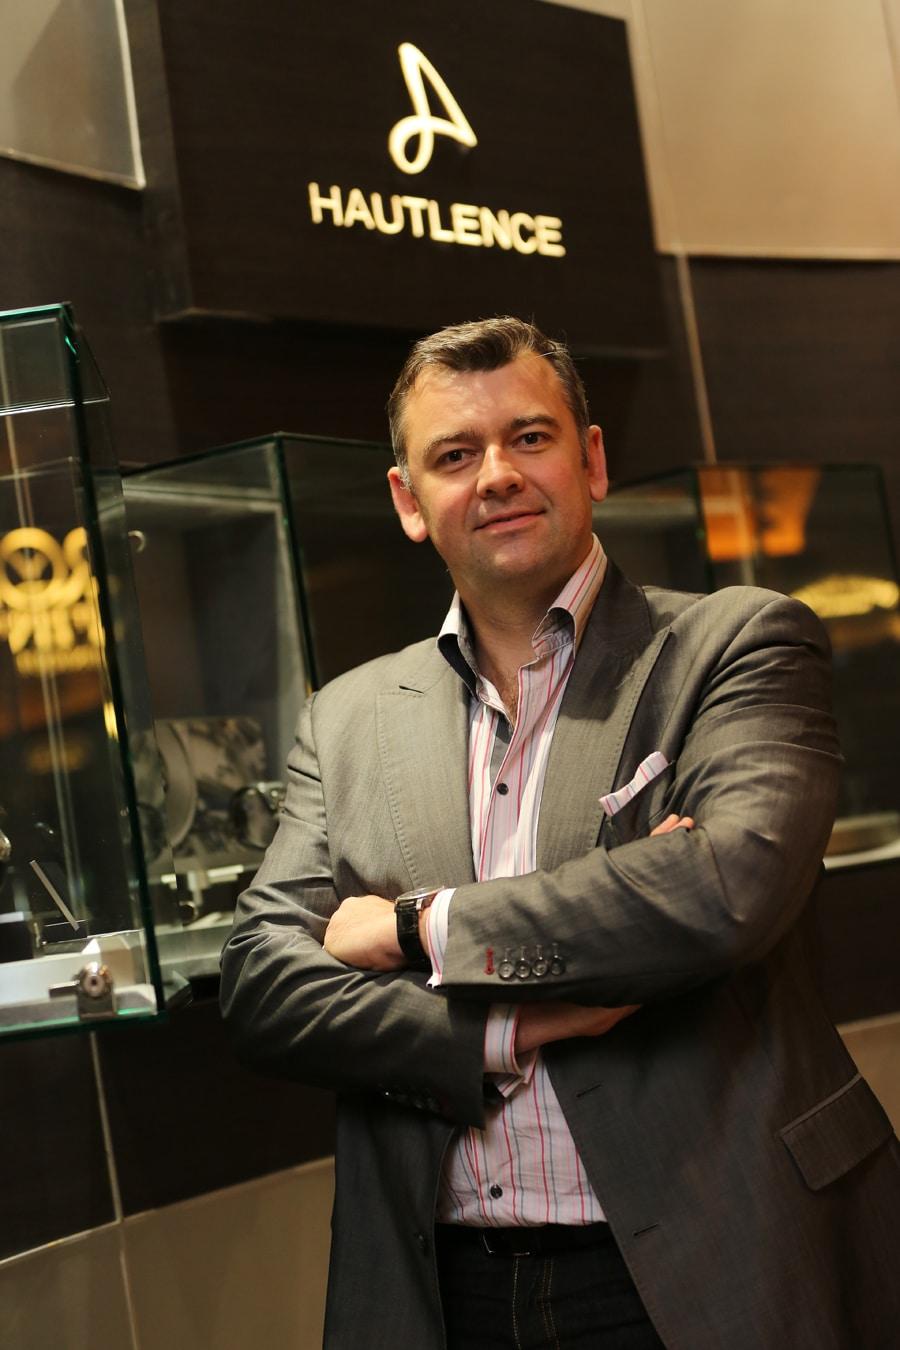 Guillaume Tetu, Mitbegründer und Geschäftsführer von Hautlence